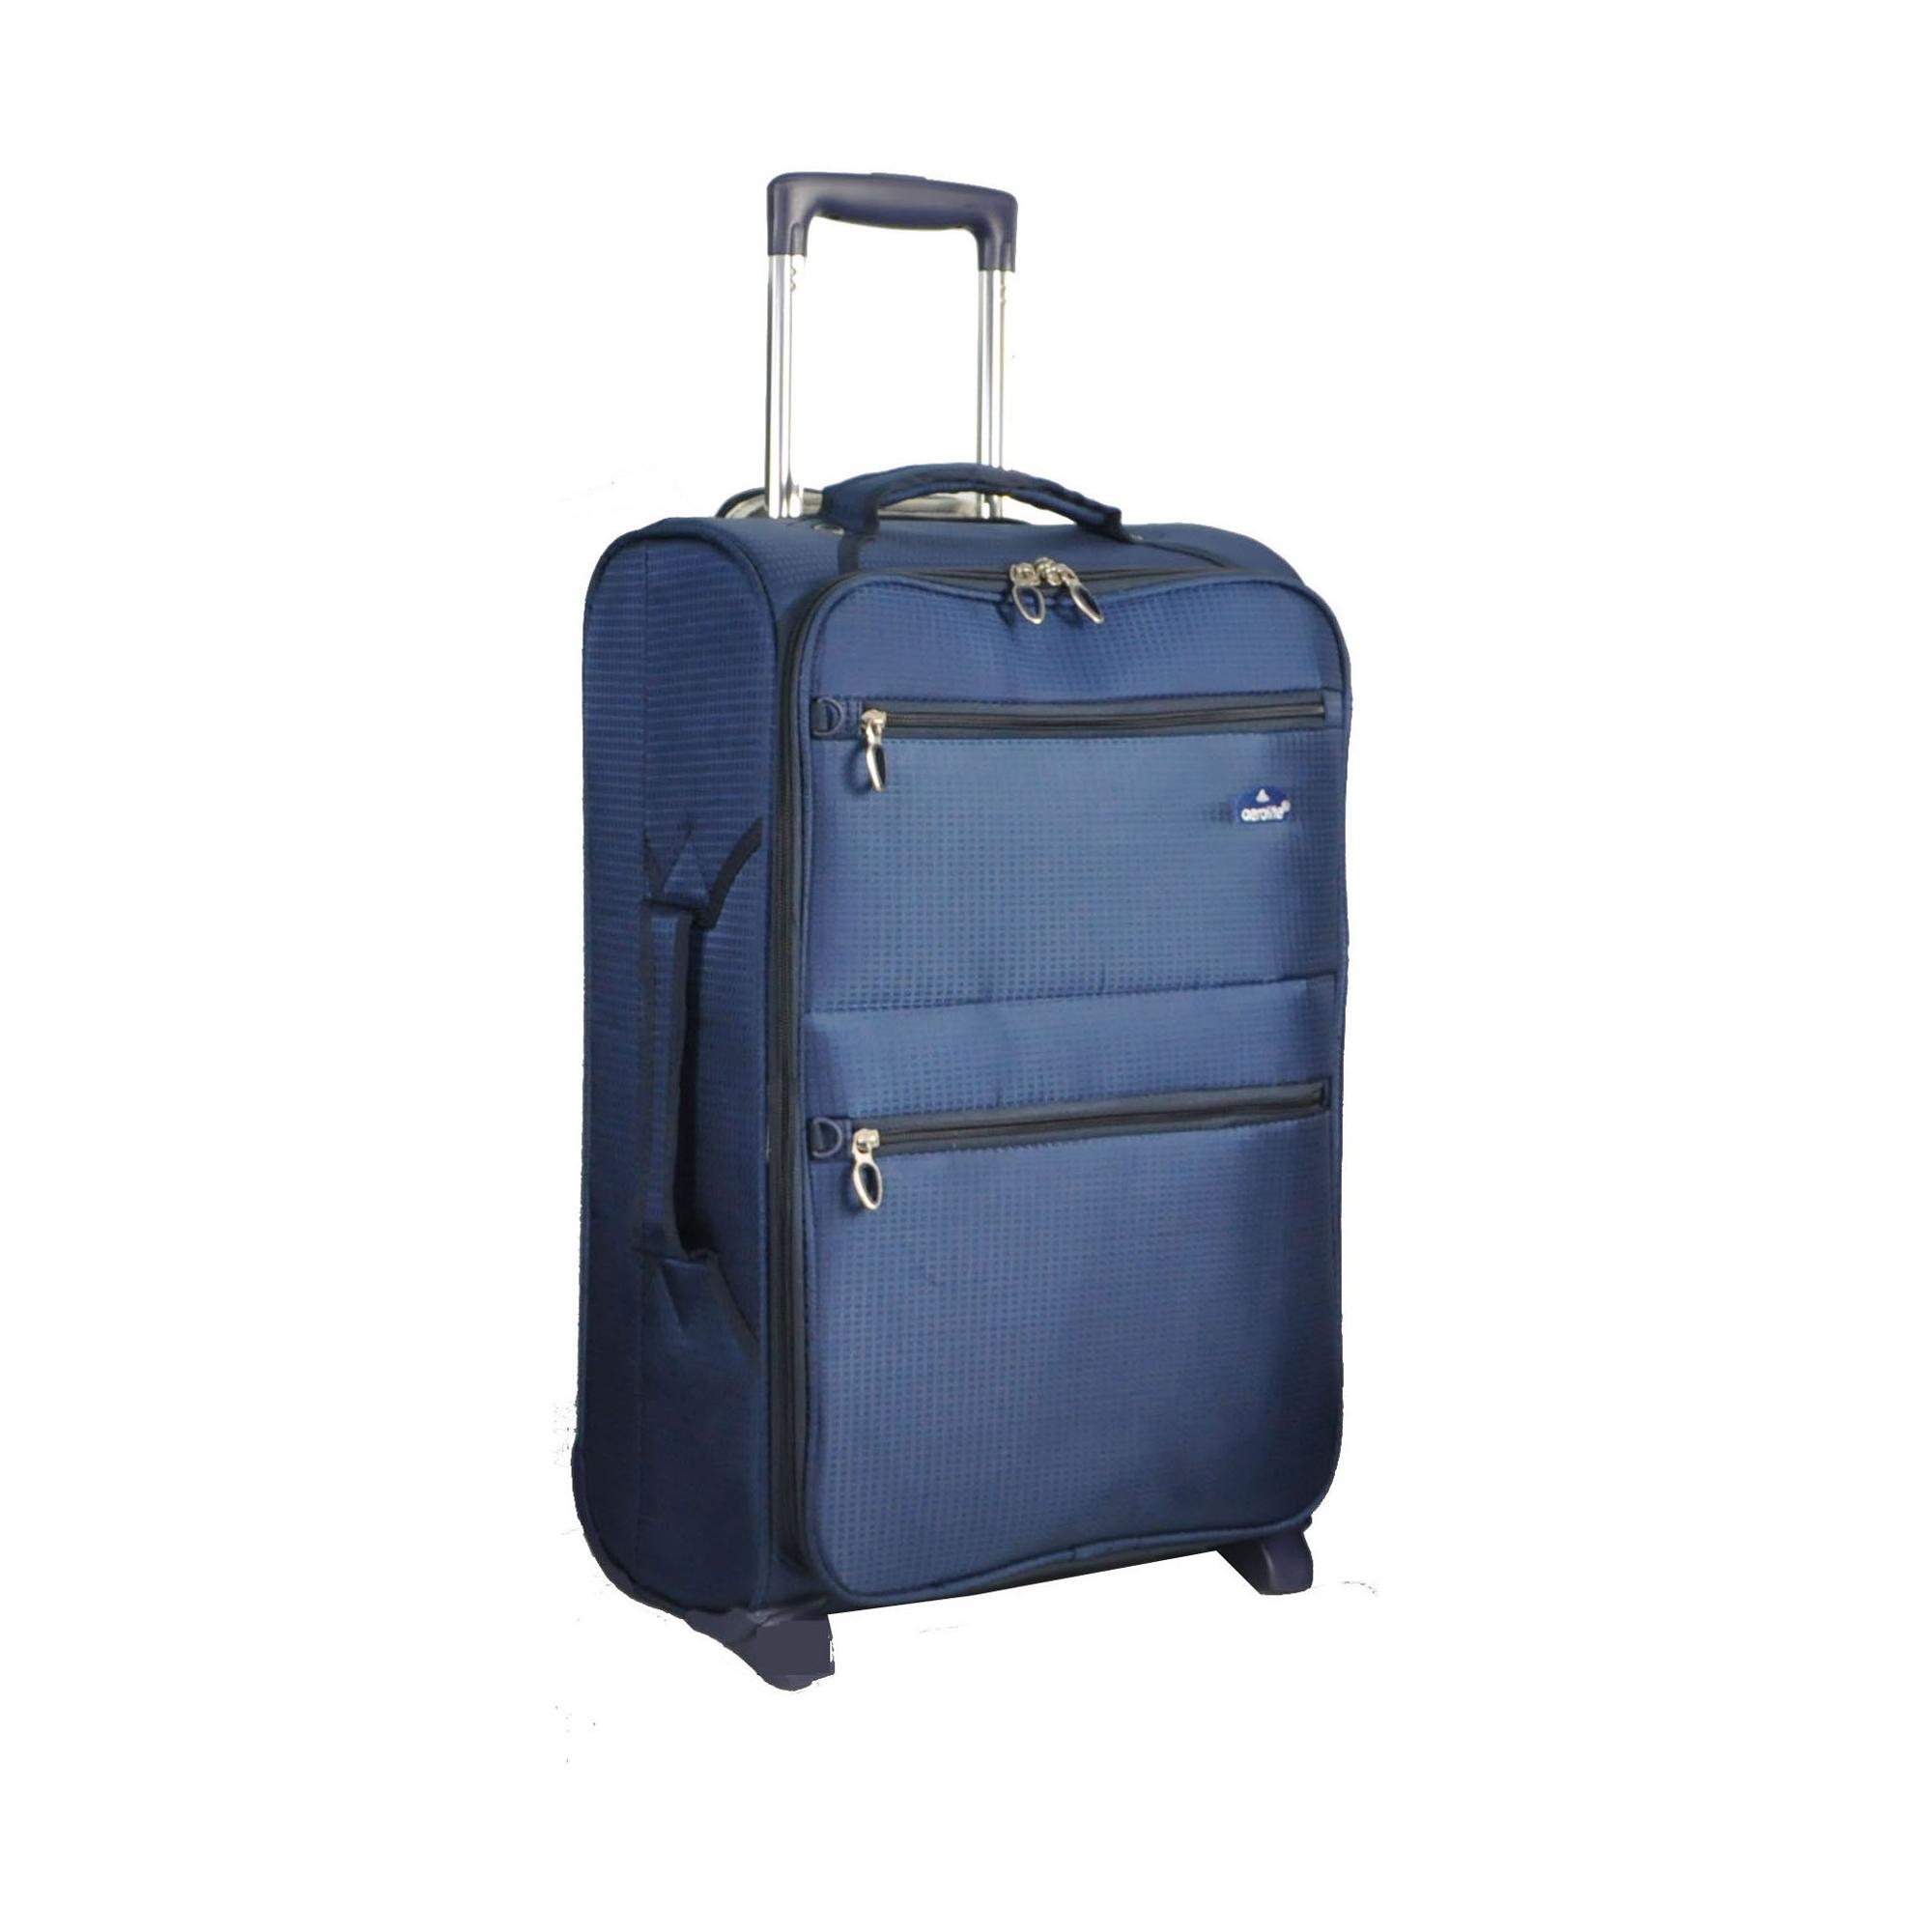 Aerolite 9985 Lightweight 21″ (50cm) Cabin Hand Luggage (Navy